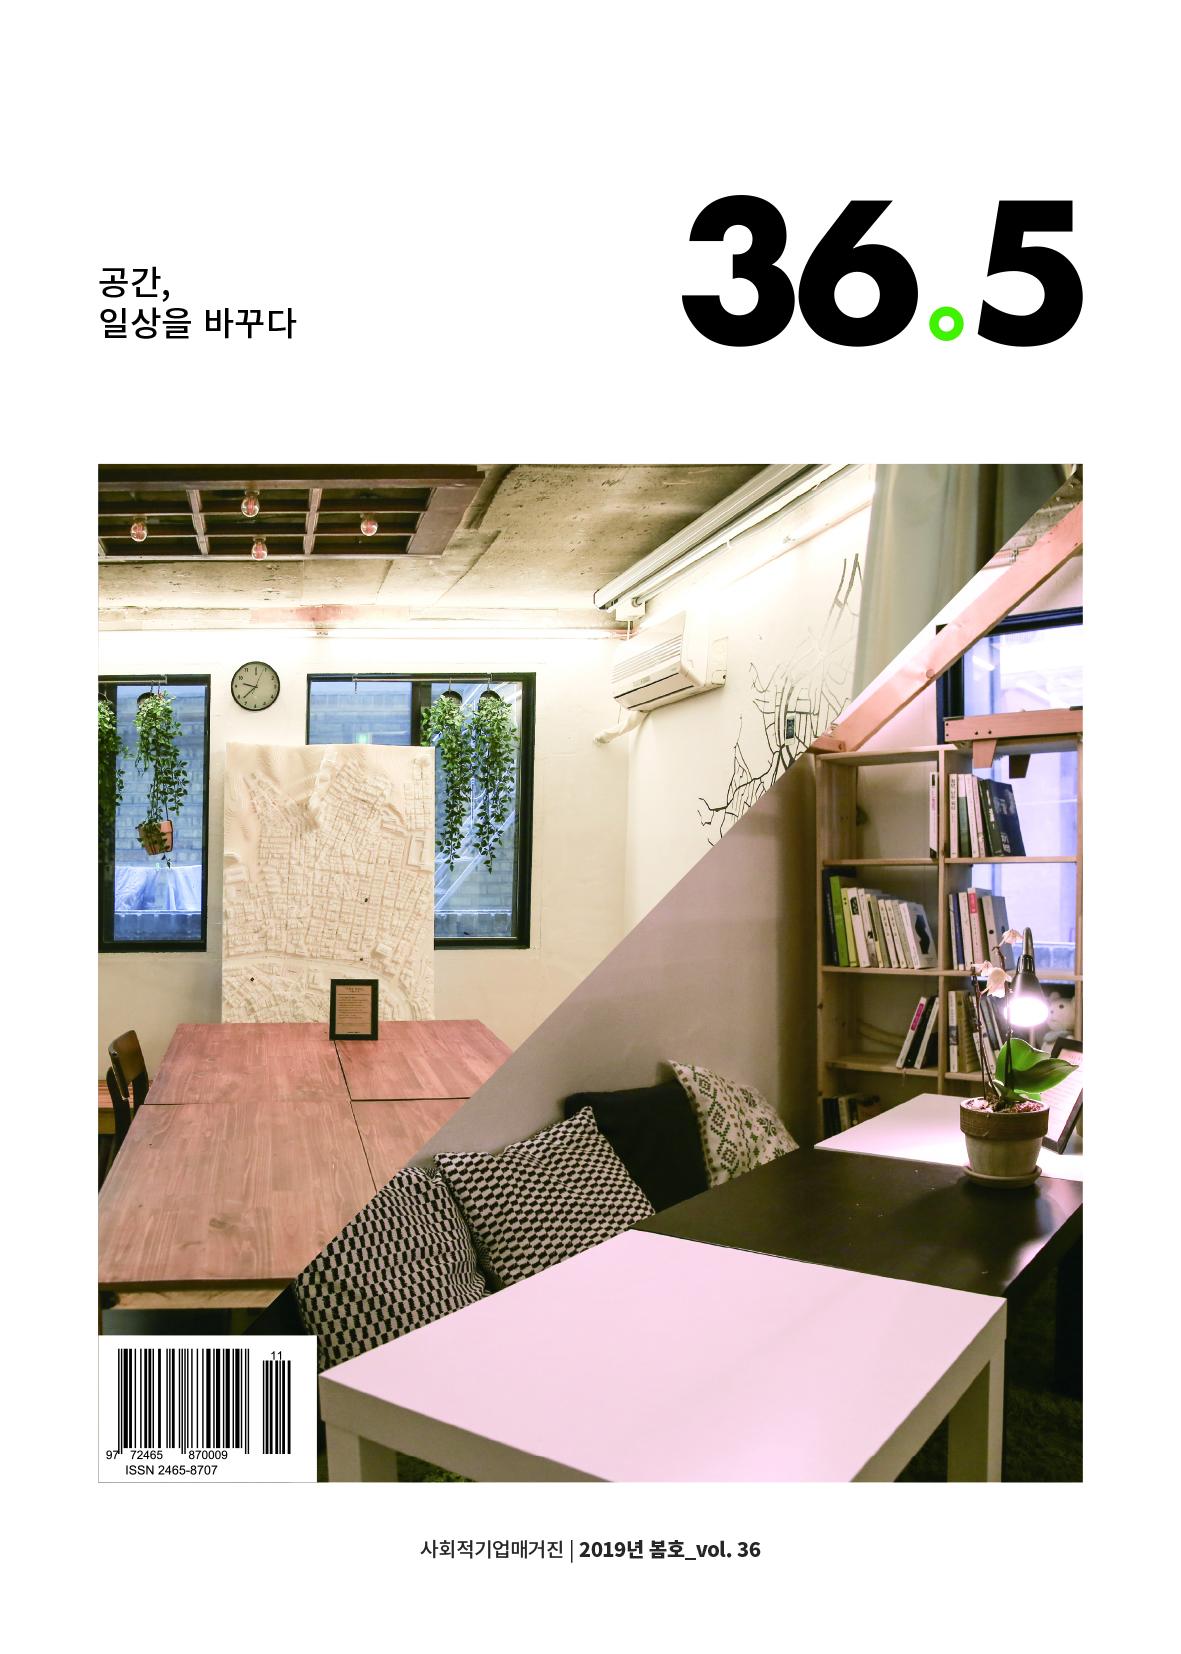 공간, 일상을 바꾸다 36.5 사회적기업매거진 2019년 봄호_vol. 36